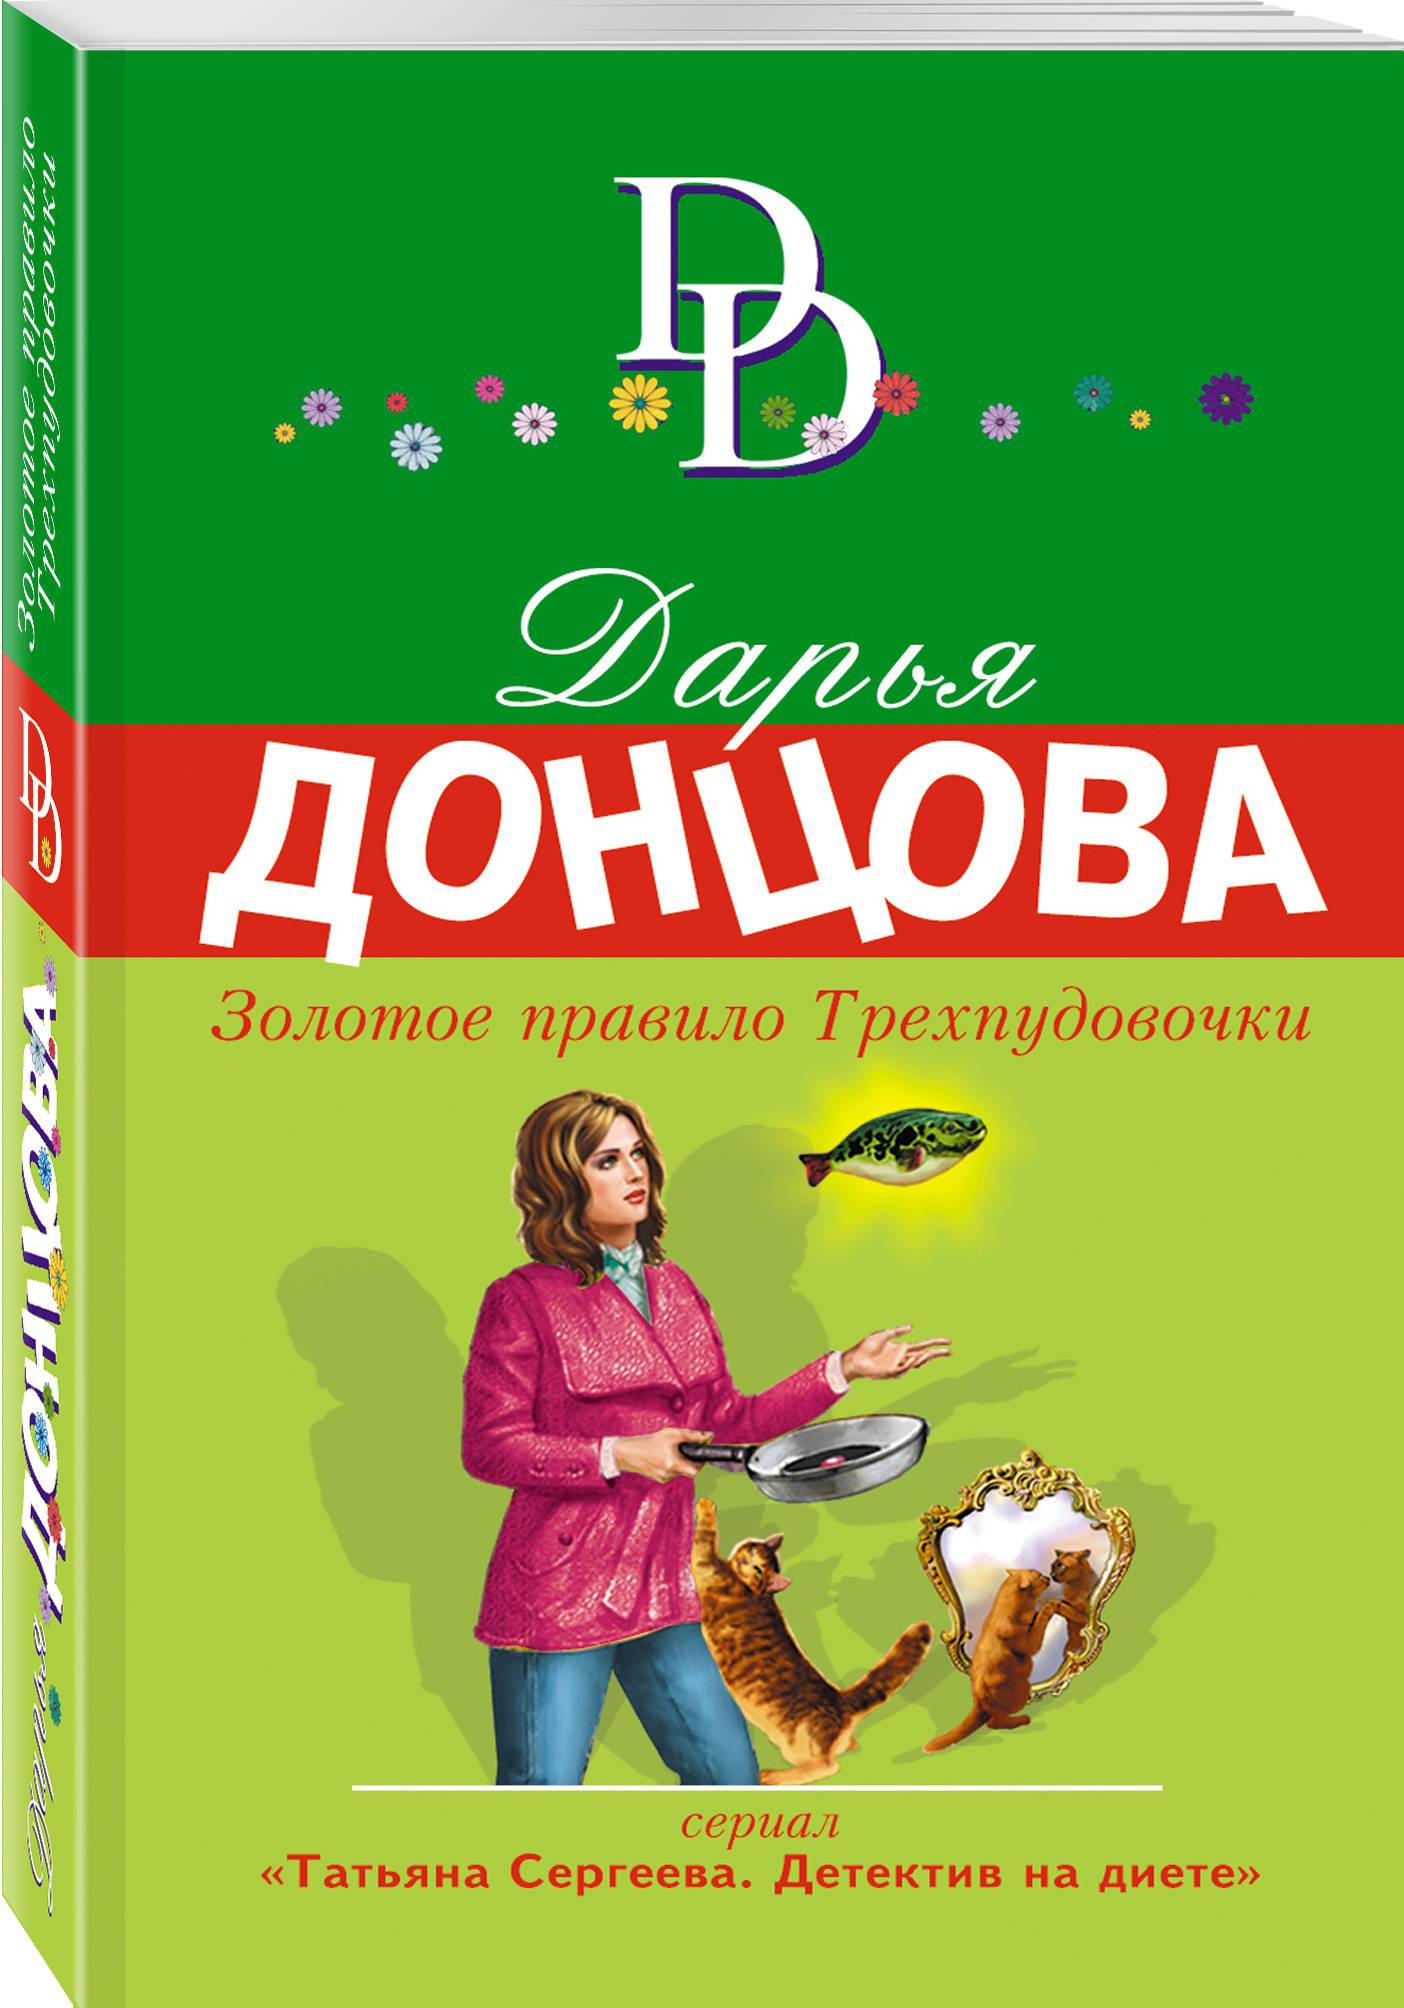 Донцова Дарья Аркадьевна Золотое правило Трехпудовочки